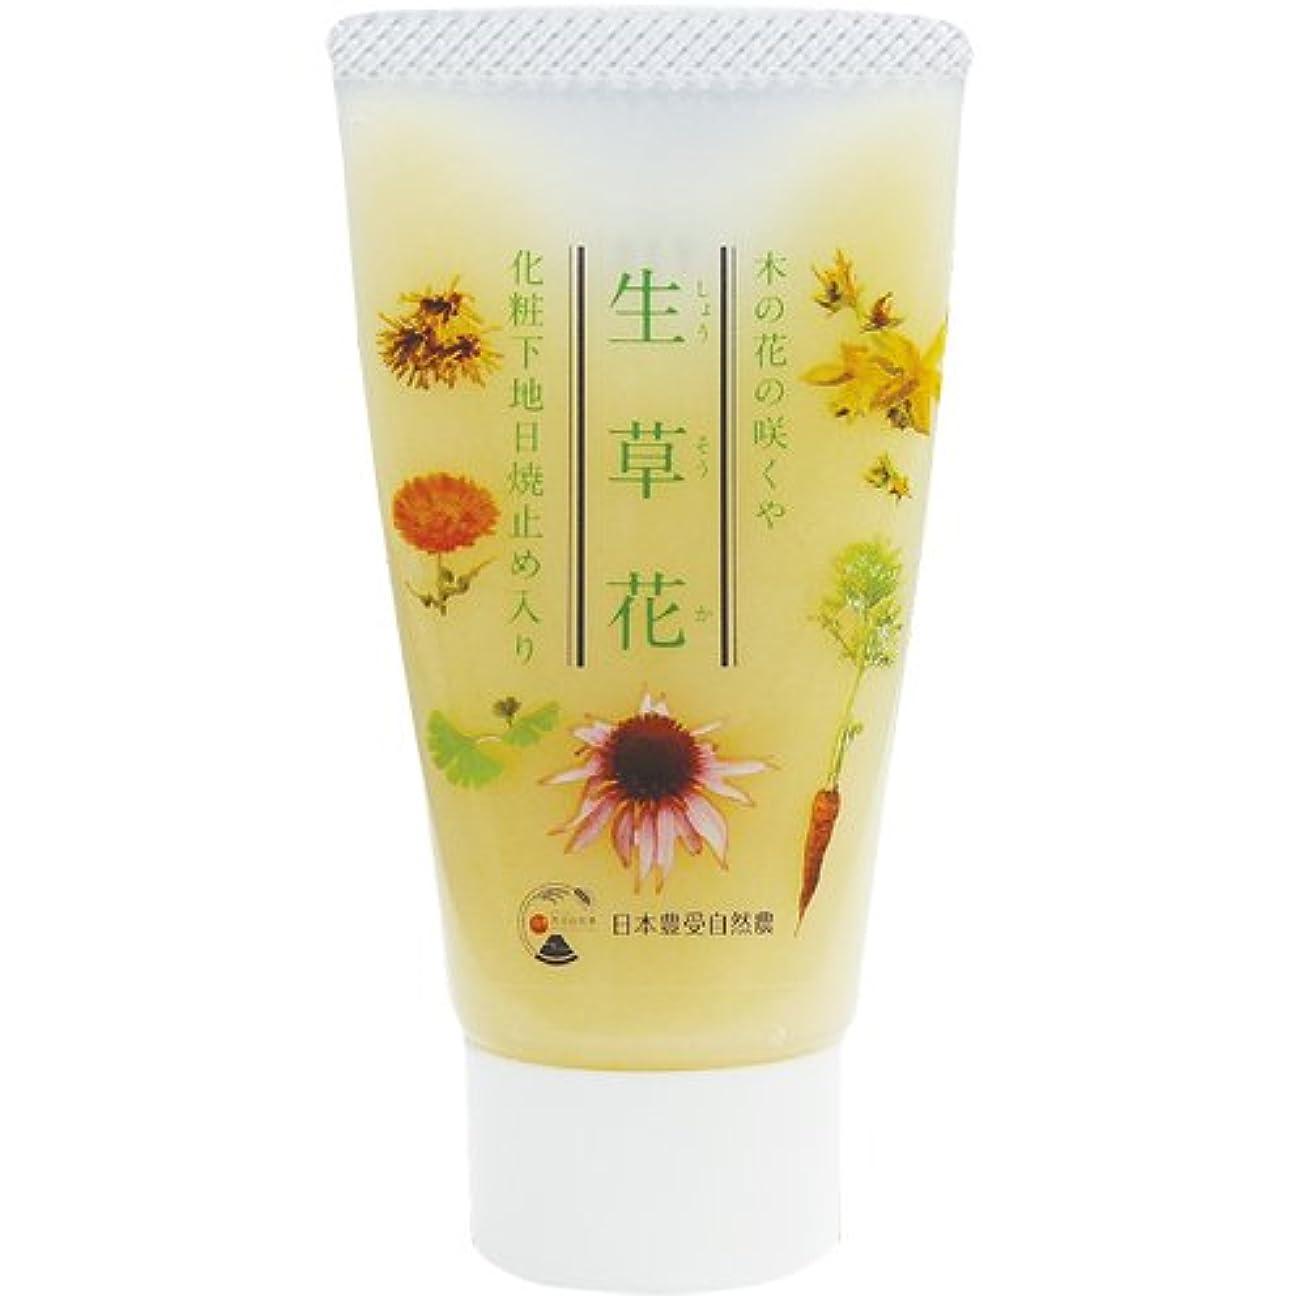 ヒロイック感嘆マージン日本豊受自然農 木の花の咲くや 生草花 化粧下地 日焼け止め入り 30g